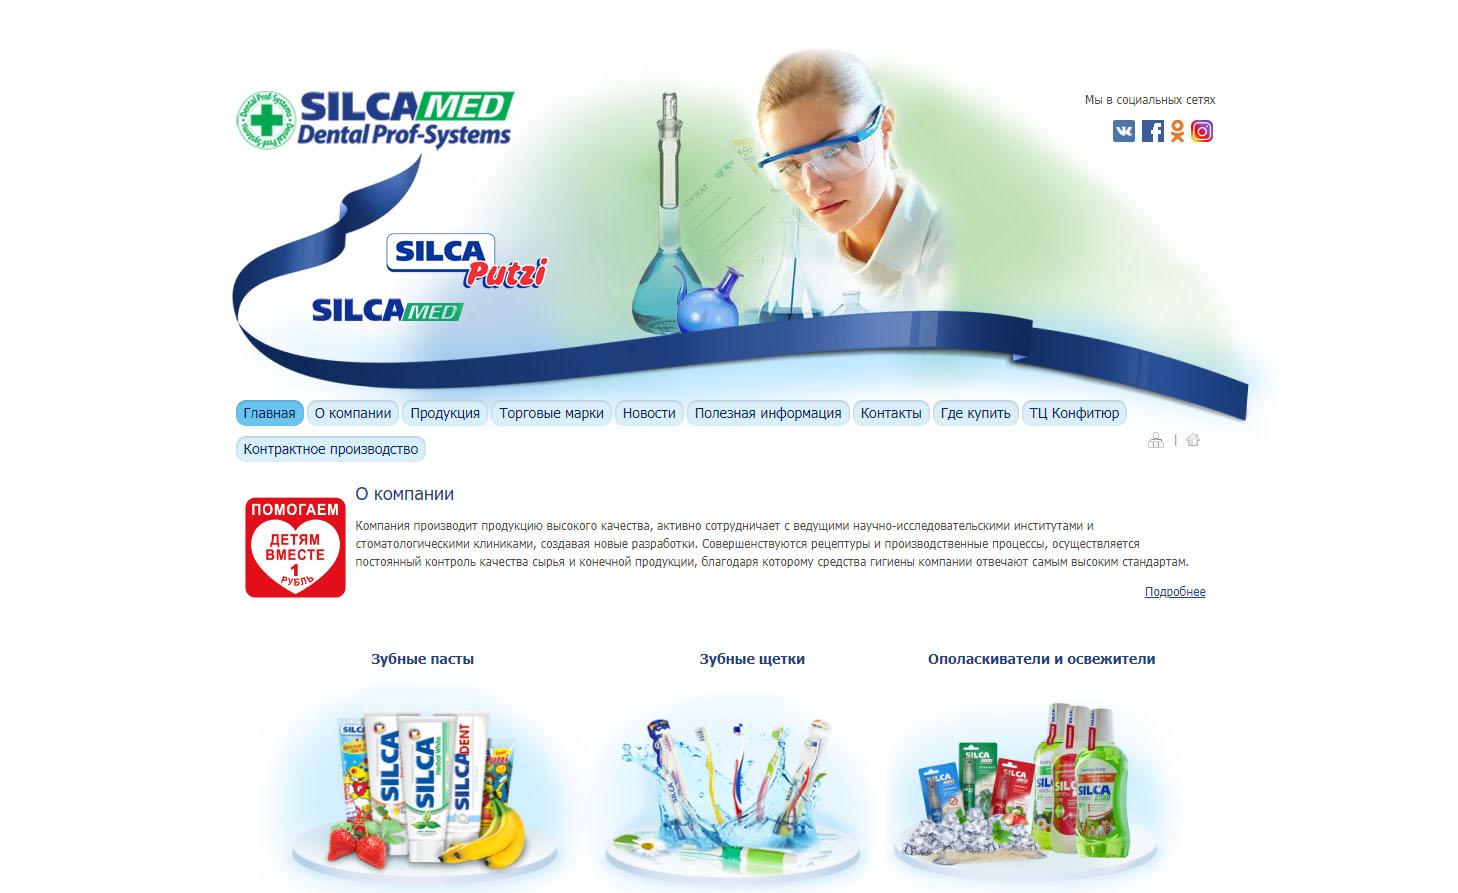 Компания Silca